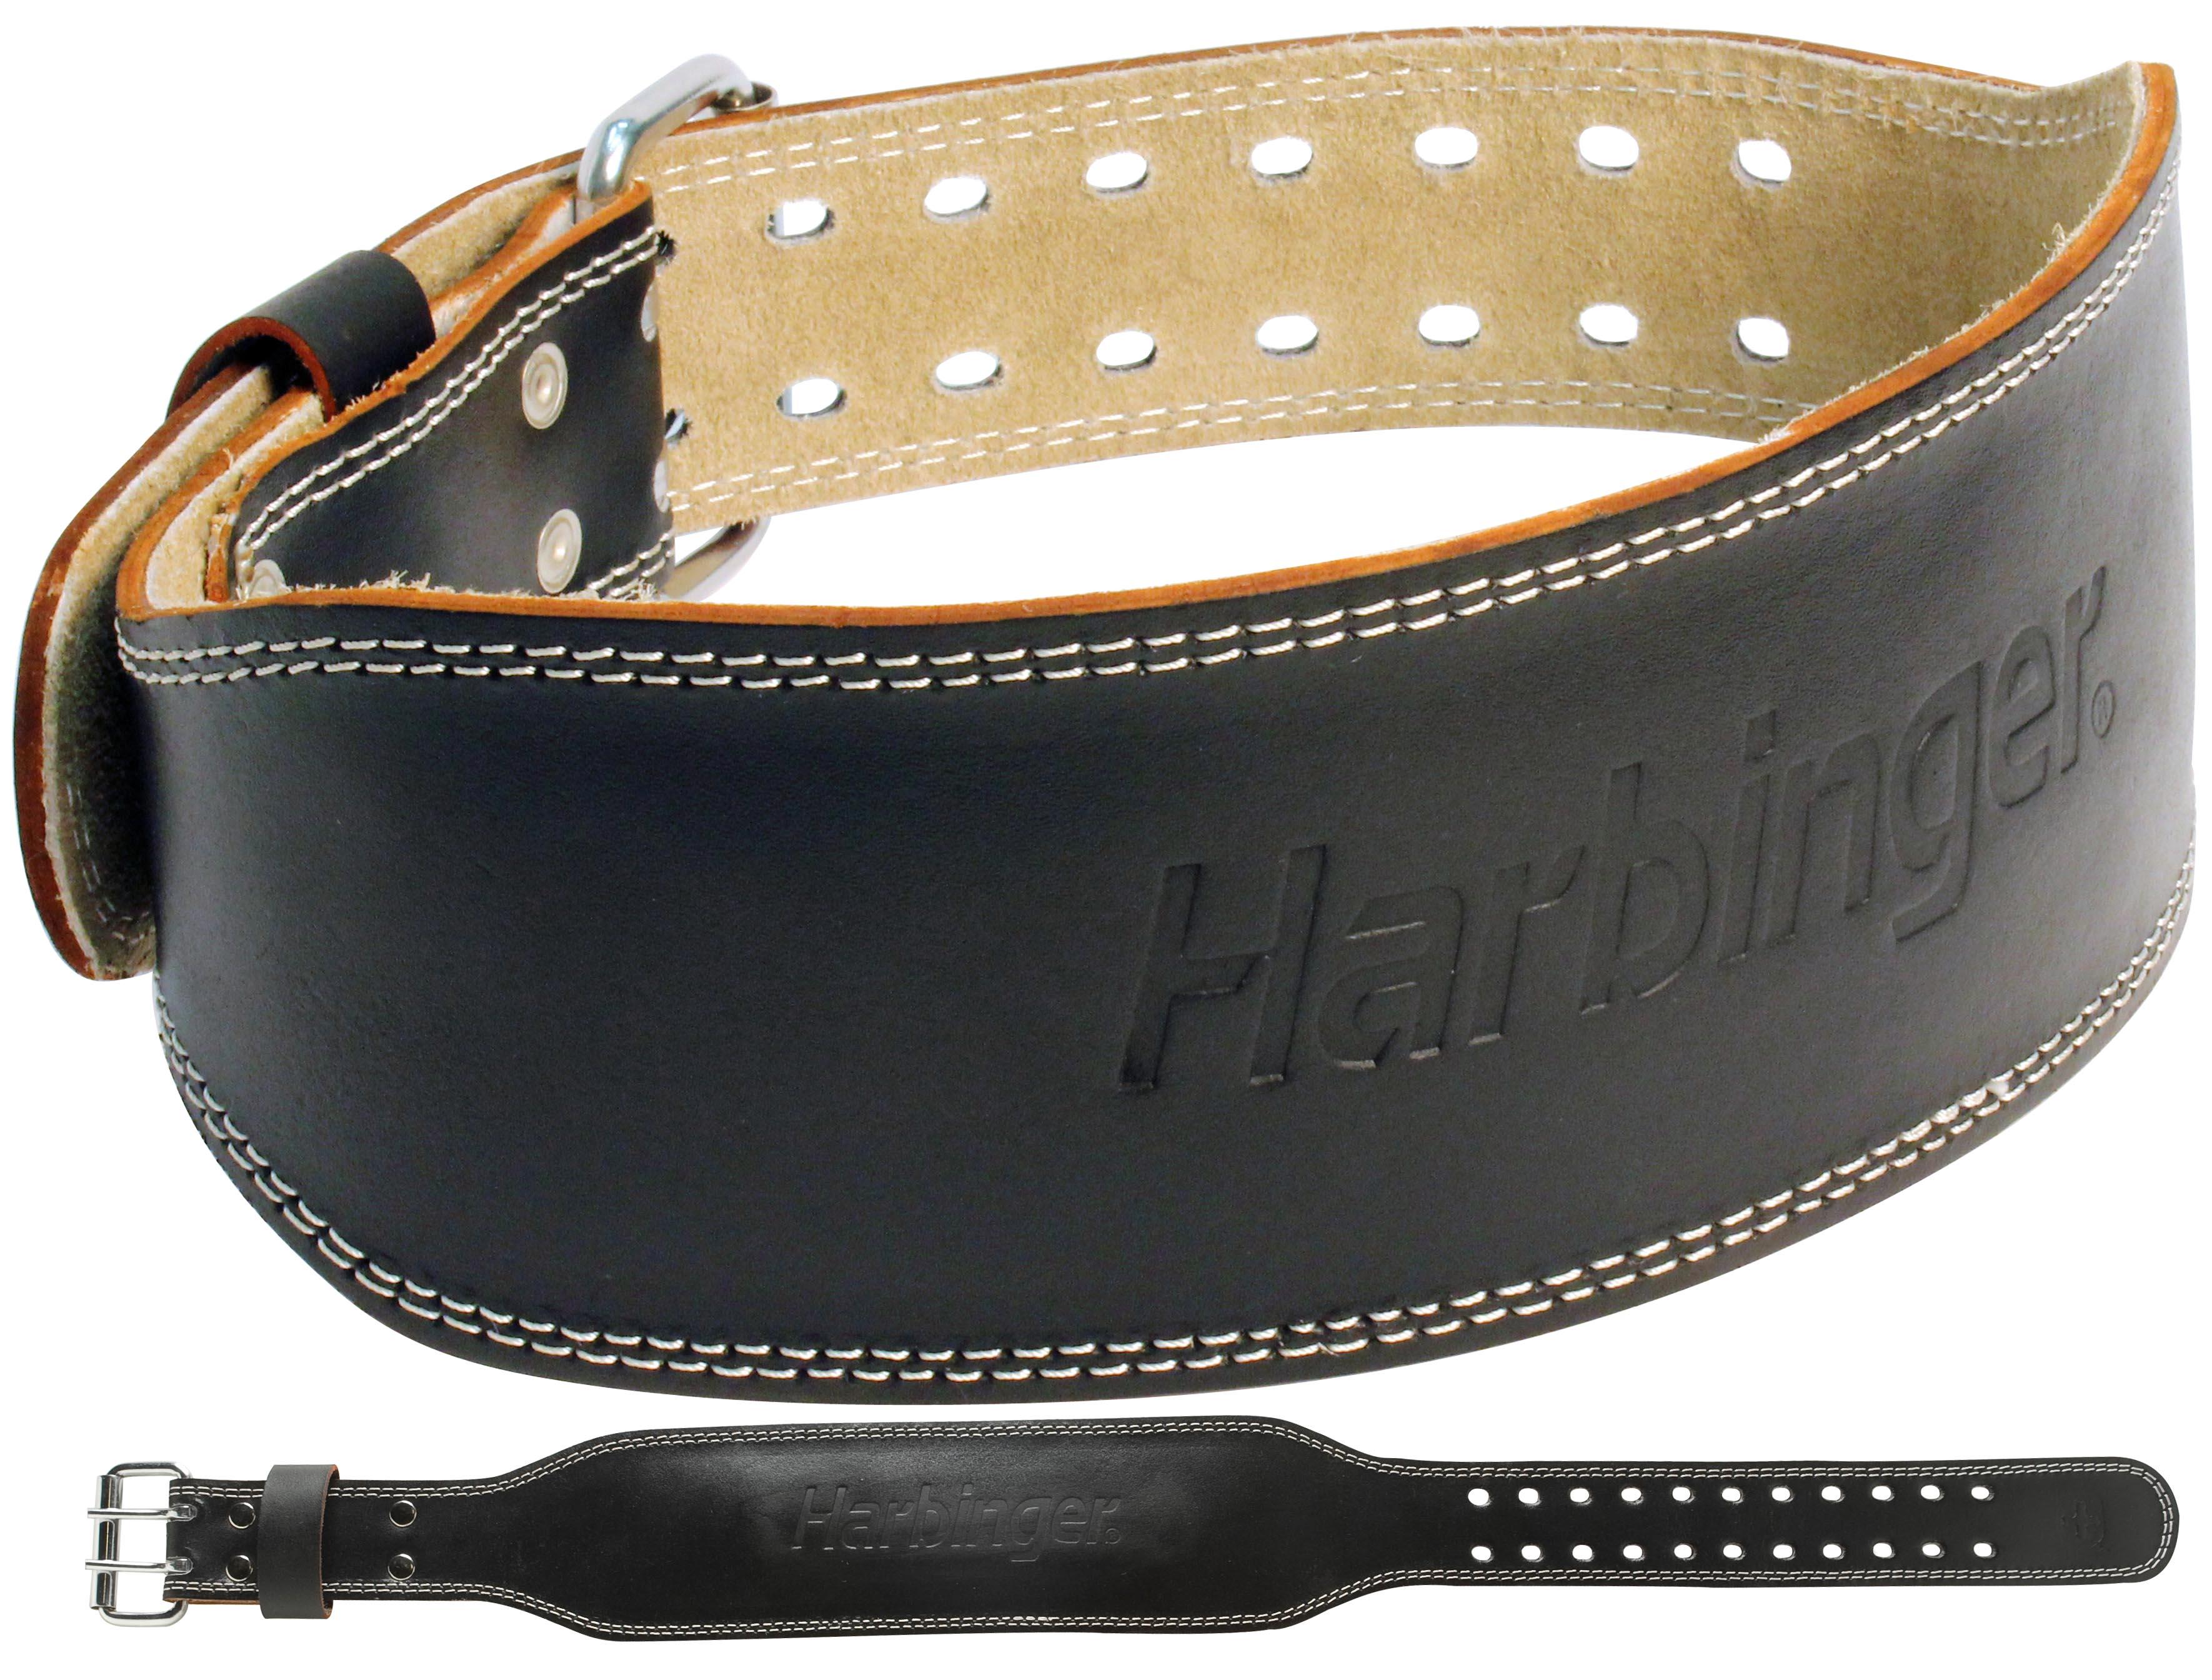 Harbinger Fitness Harbinger 4 Inch Padded Leather Belt - XL